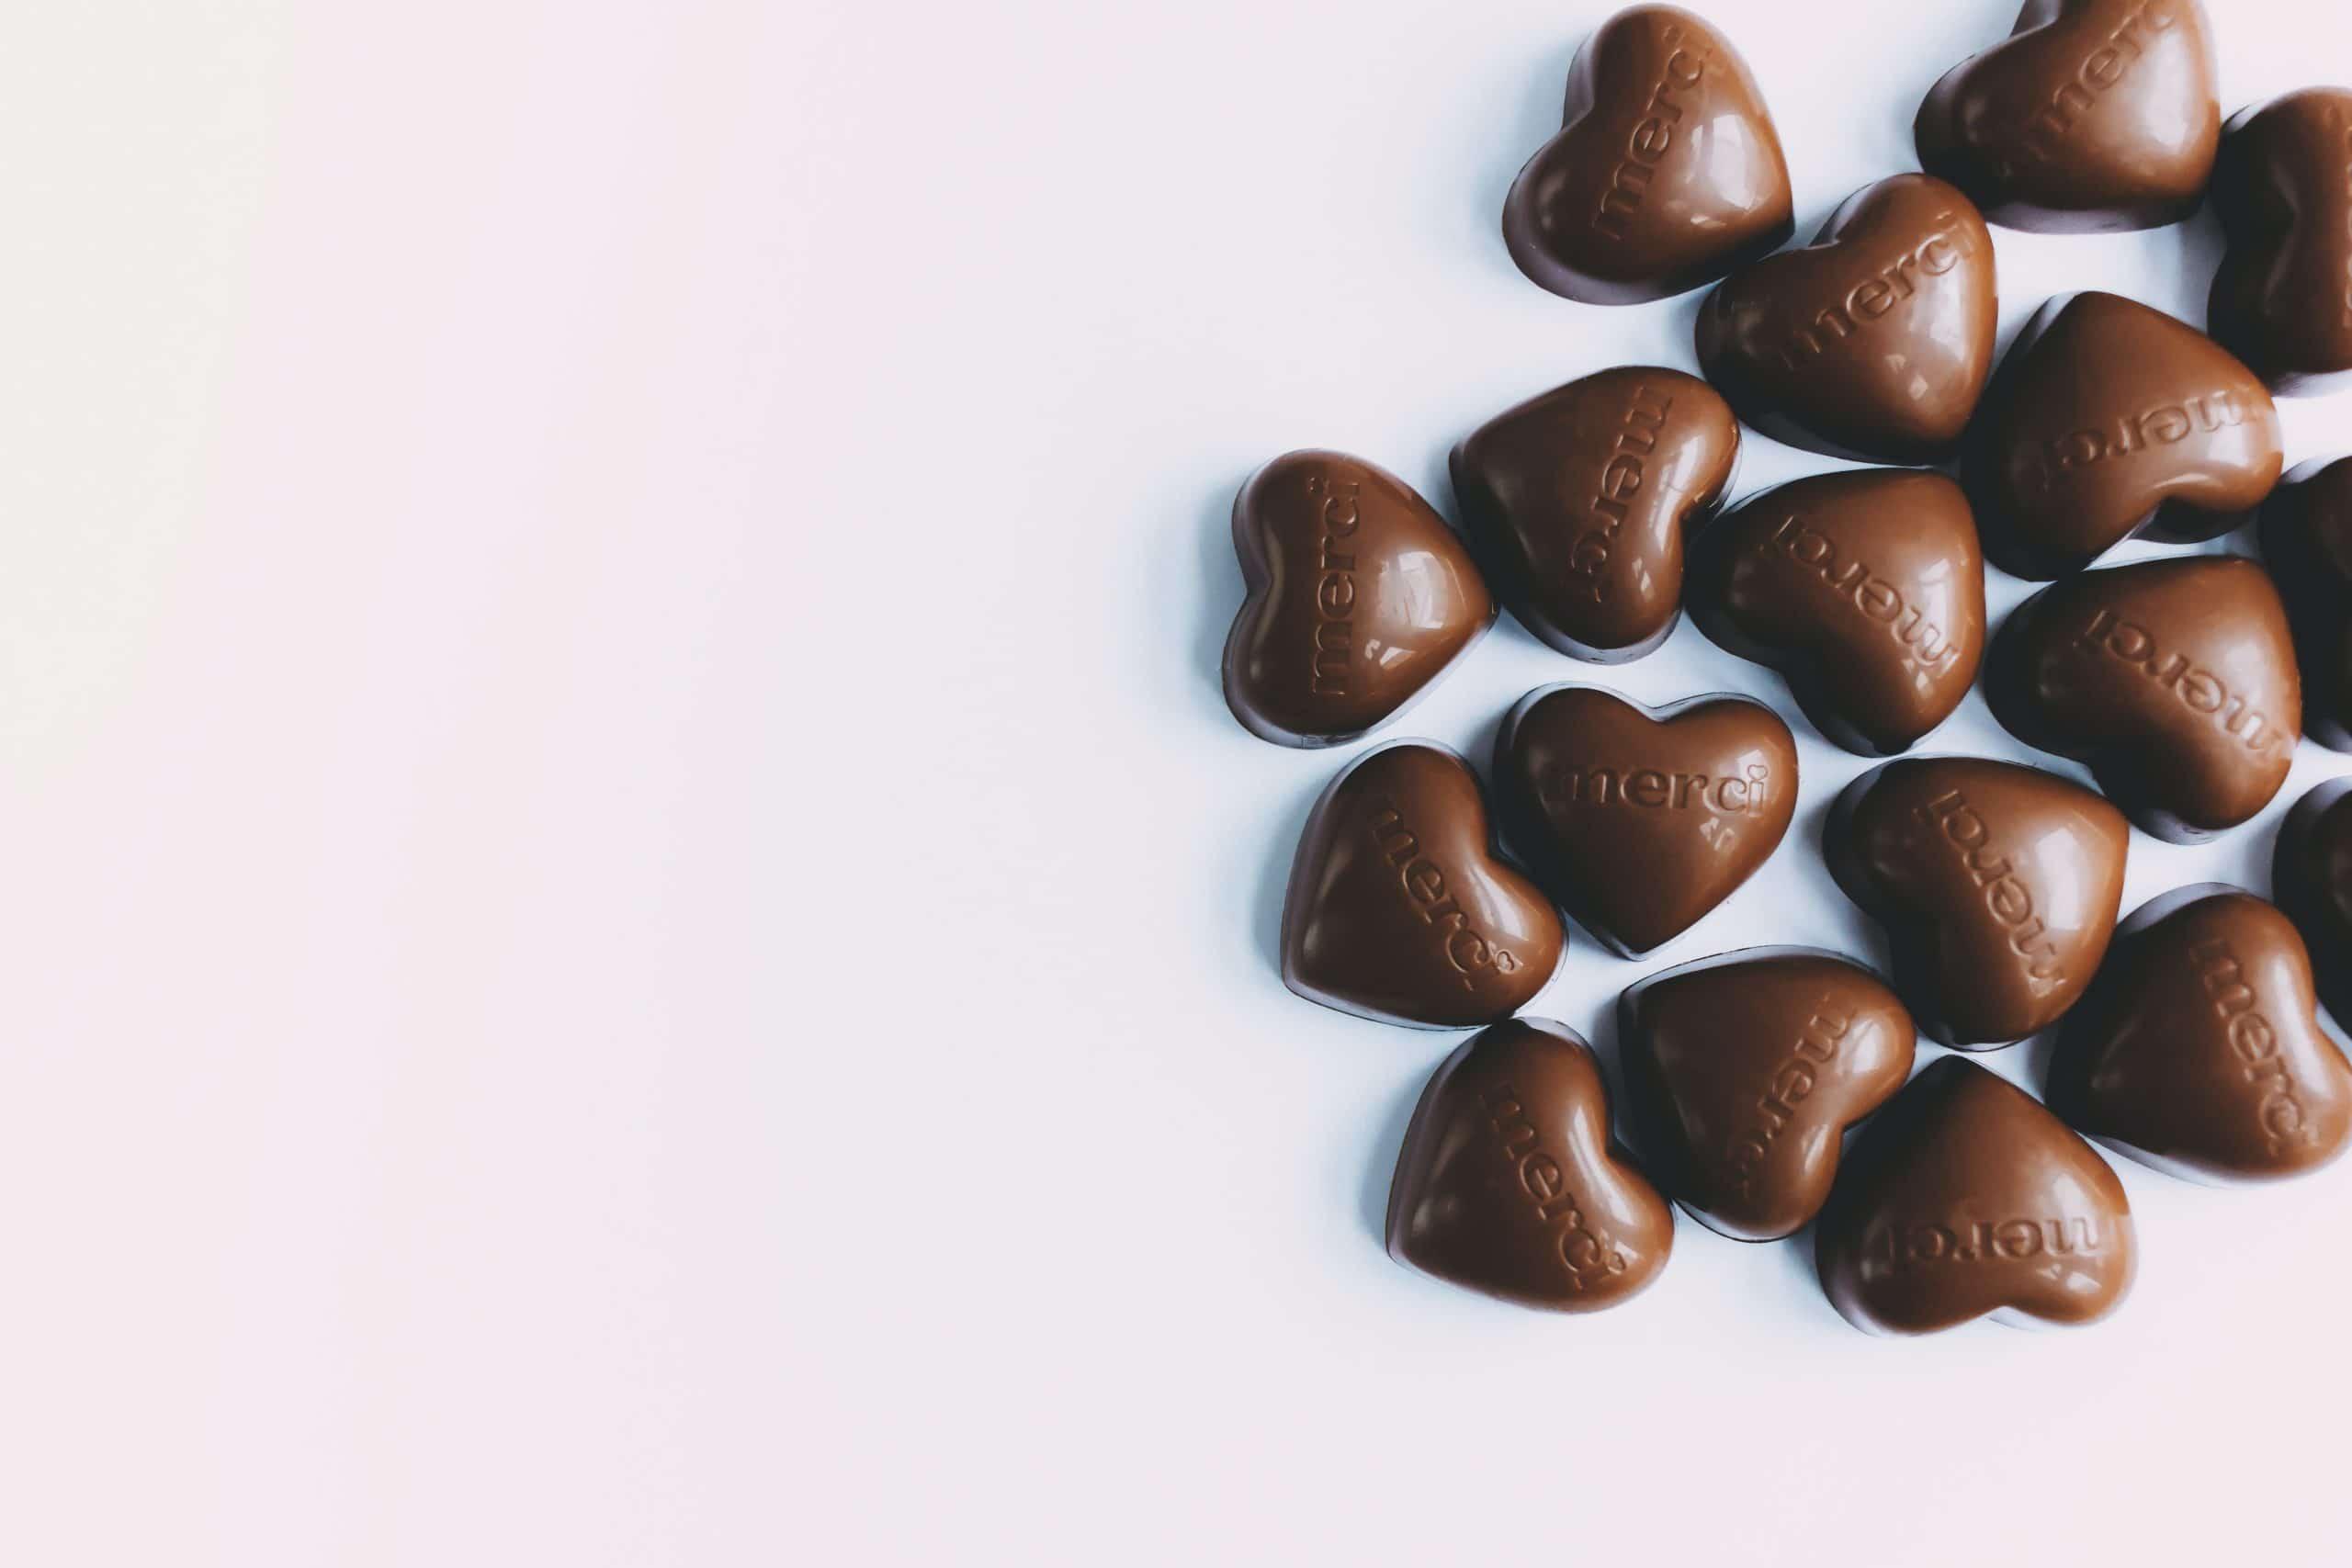 קפאין, קפה, שוקולד מריר ומחלות לב